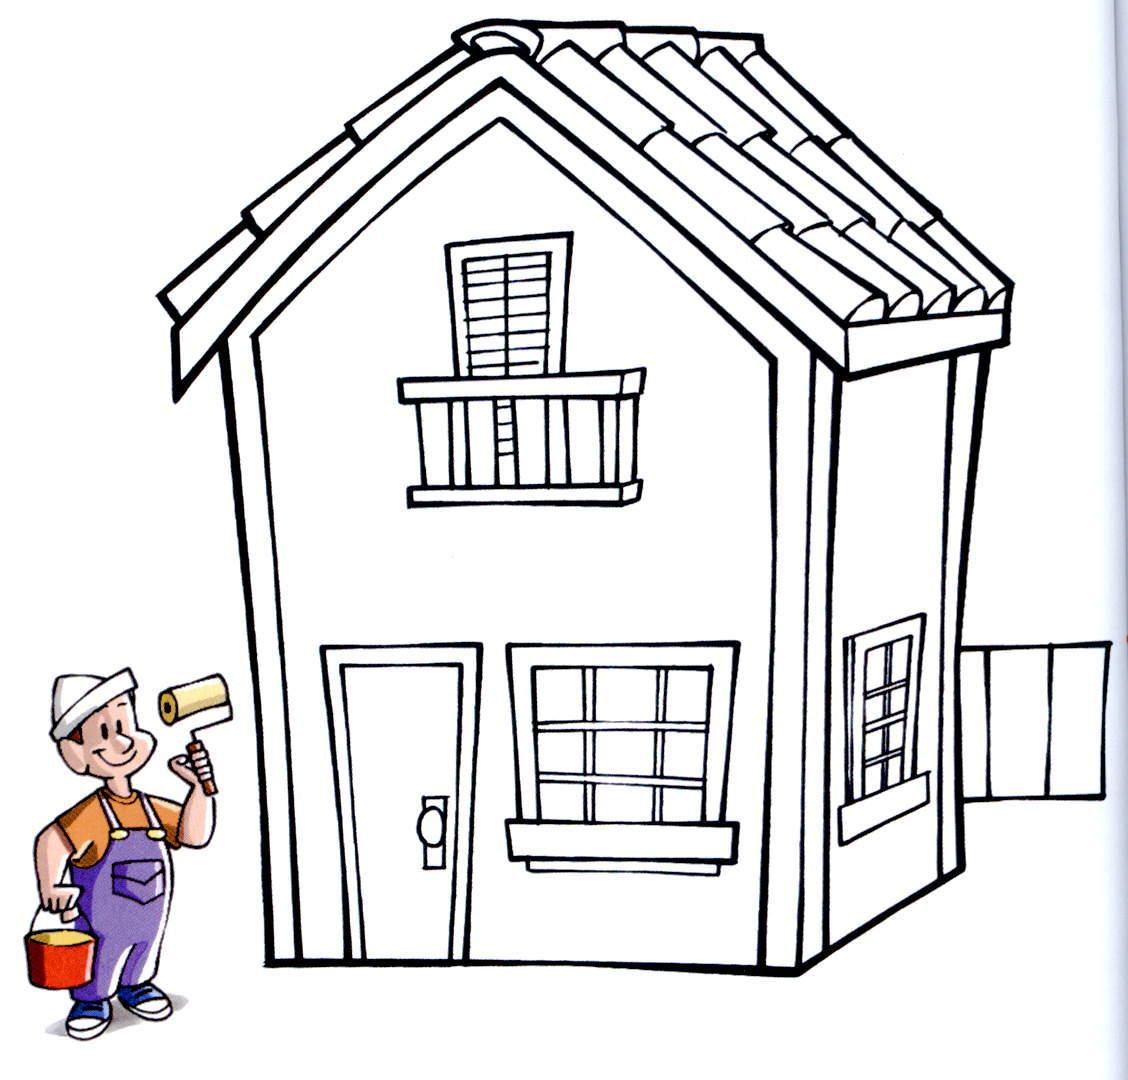 banco de atividades desenhos para colorir o pintor e a casa